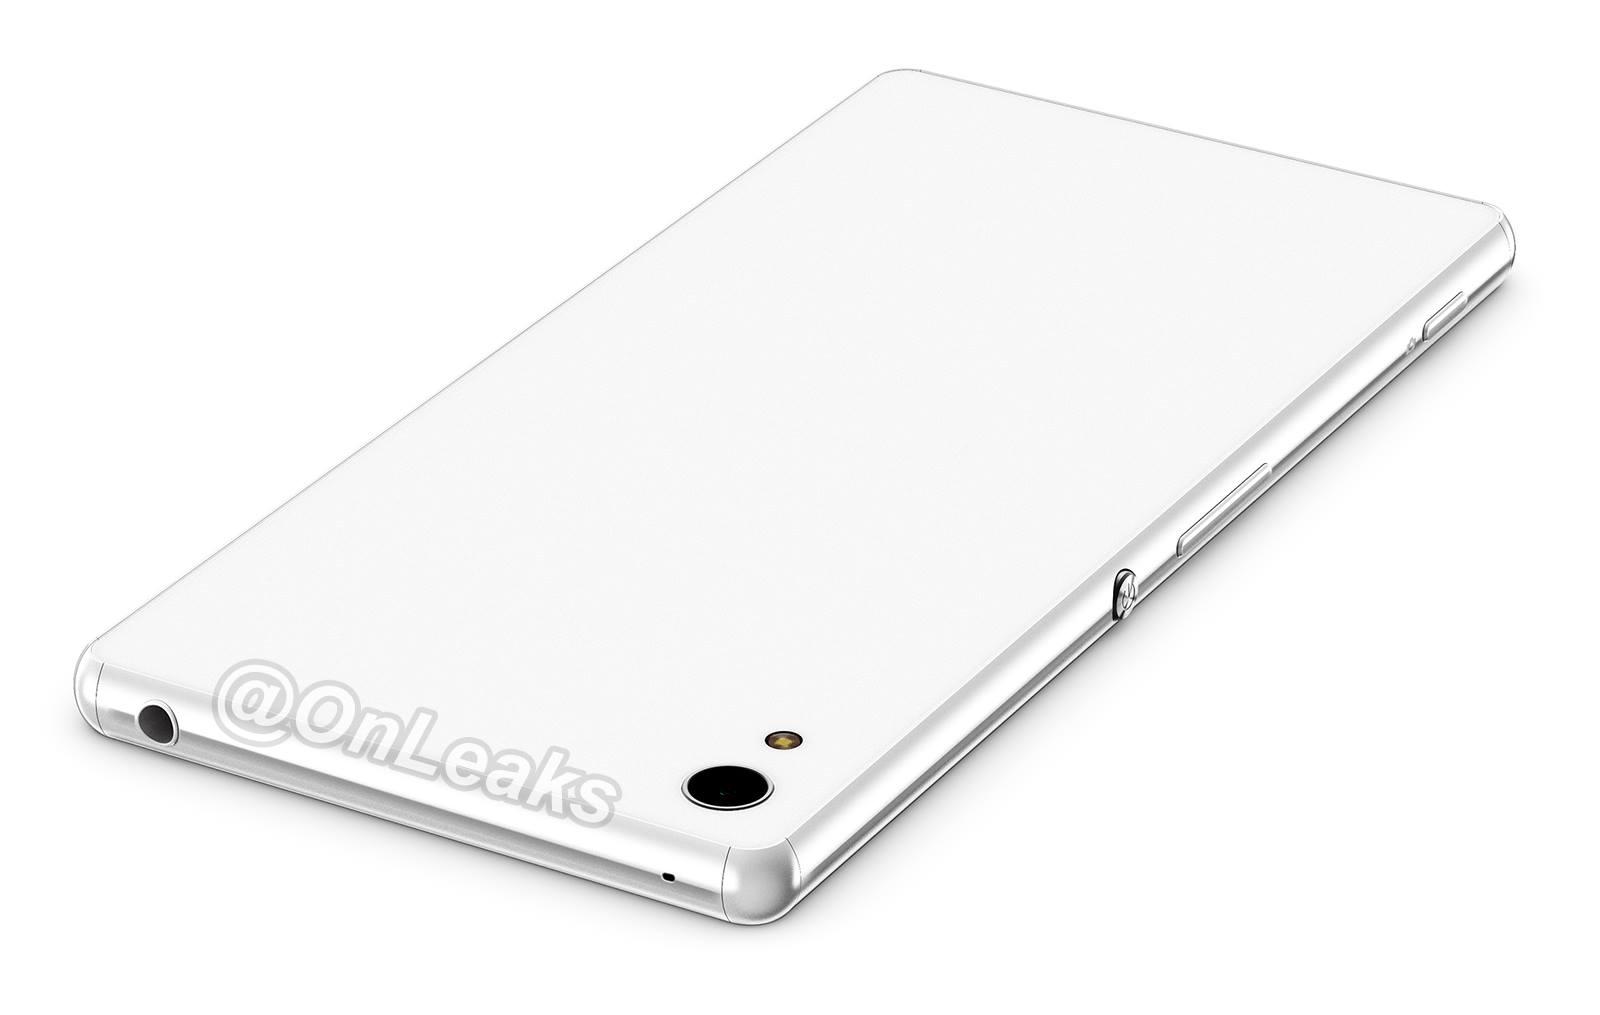 Sony Xperia Z4 chính thức lộ trọn vẹn thiết kế